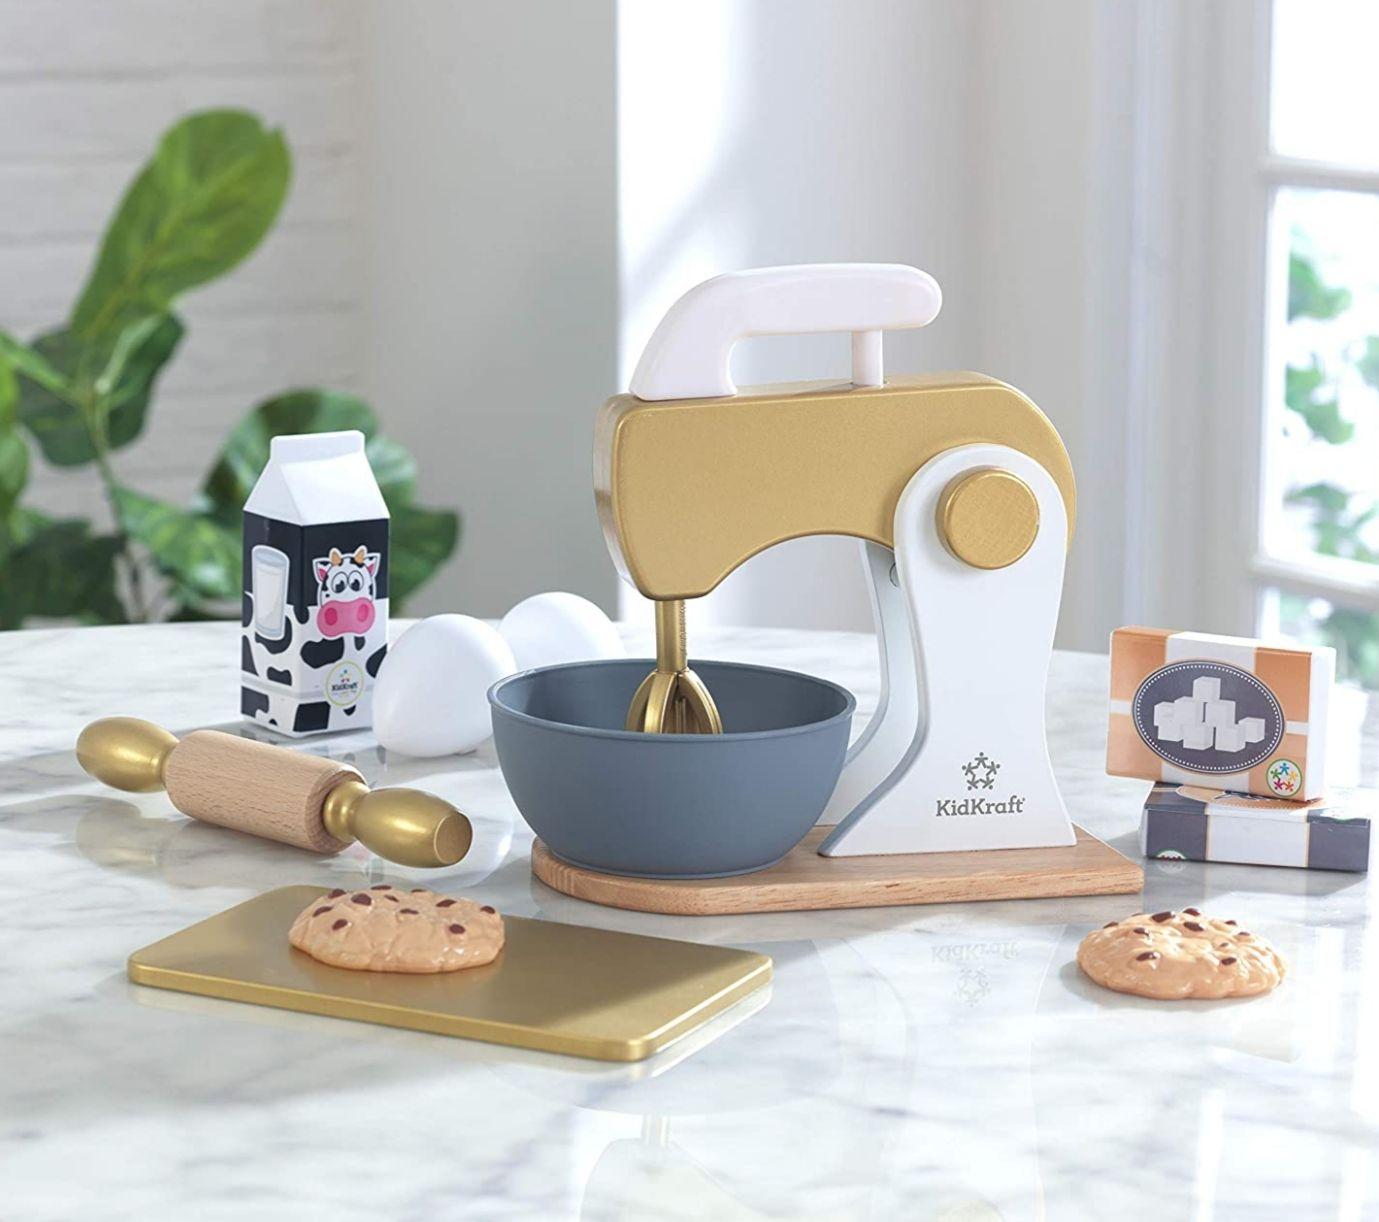 KidKraft - Kit de juguetes de cocina y pastelería (11 piezas)